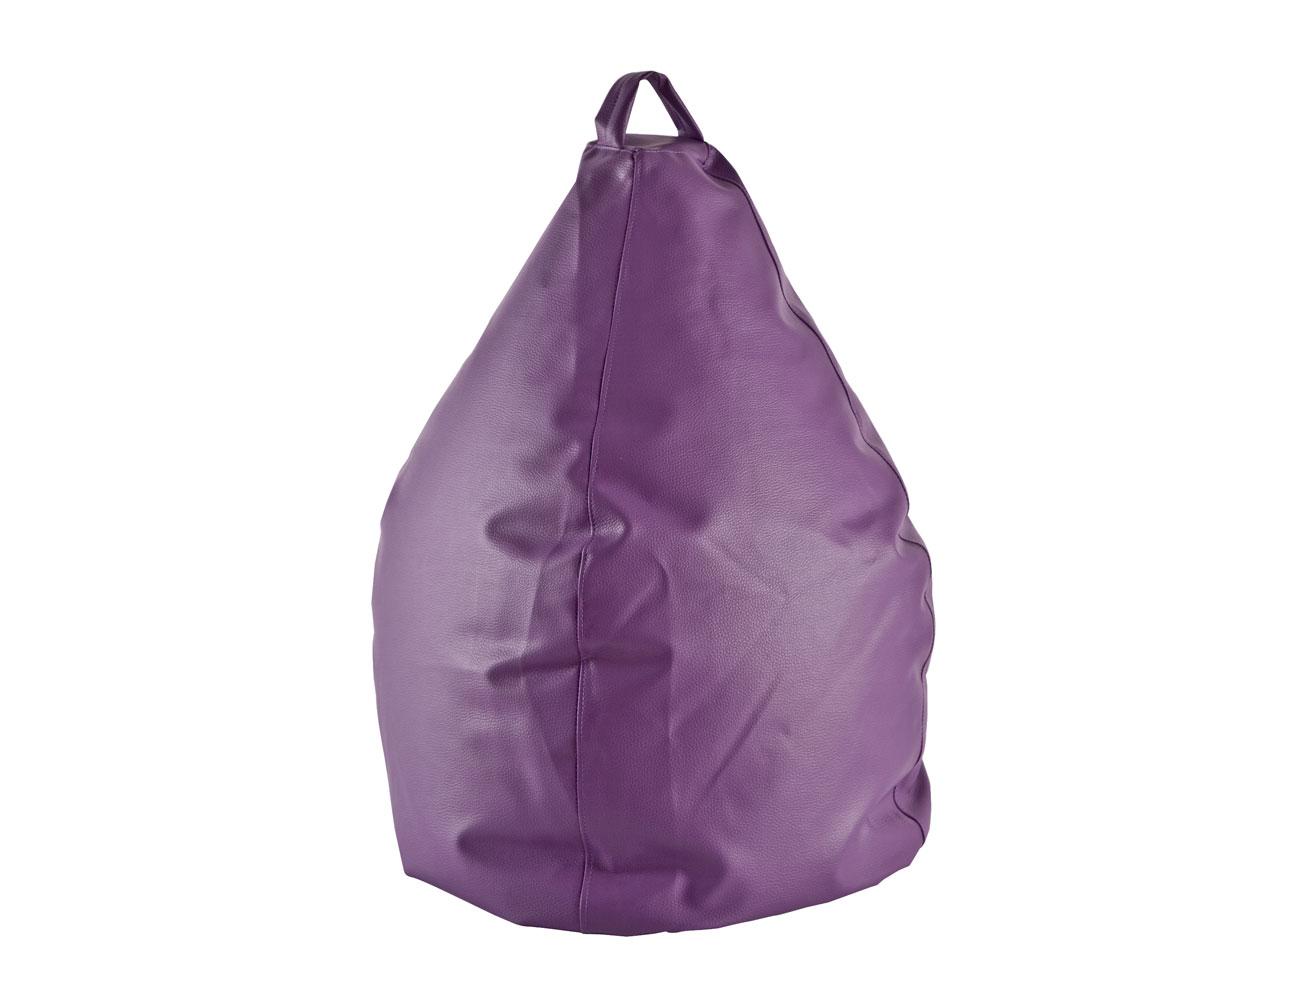 2 sac amoldable morado5